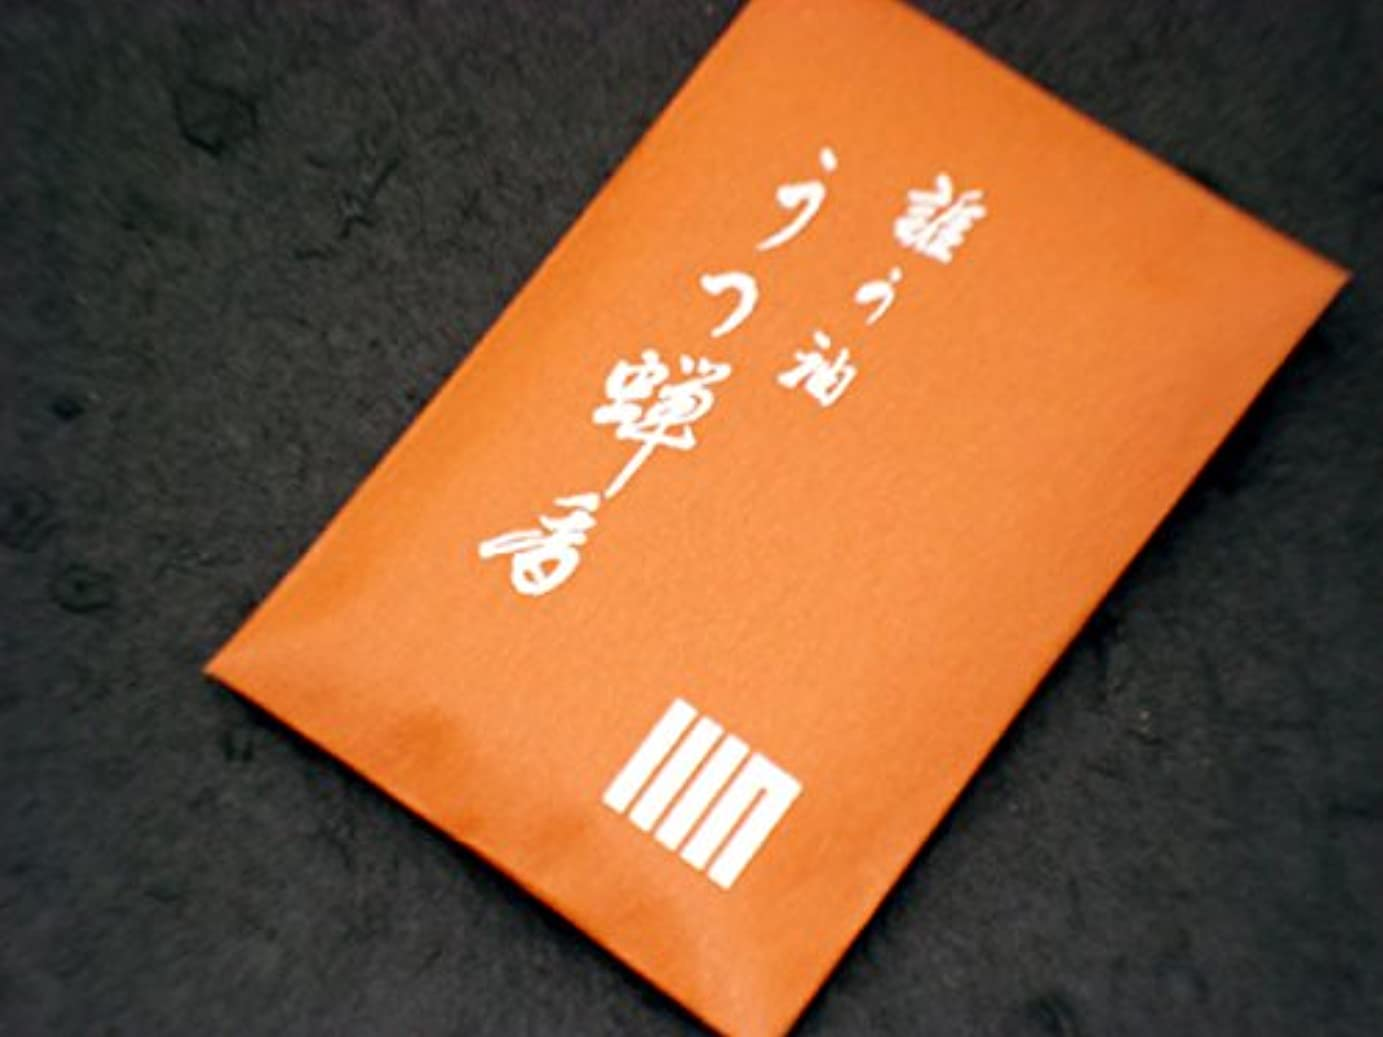 ラックカフェ天才【匂い袋】 誰が袖 空蝉香(うつせみこう)